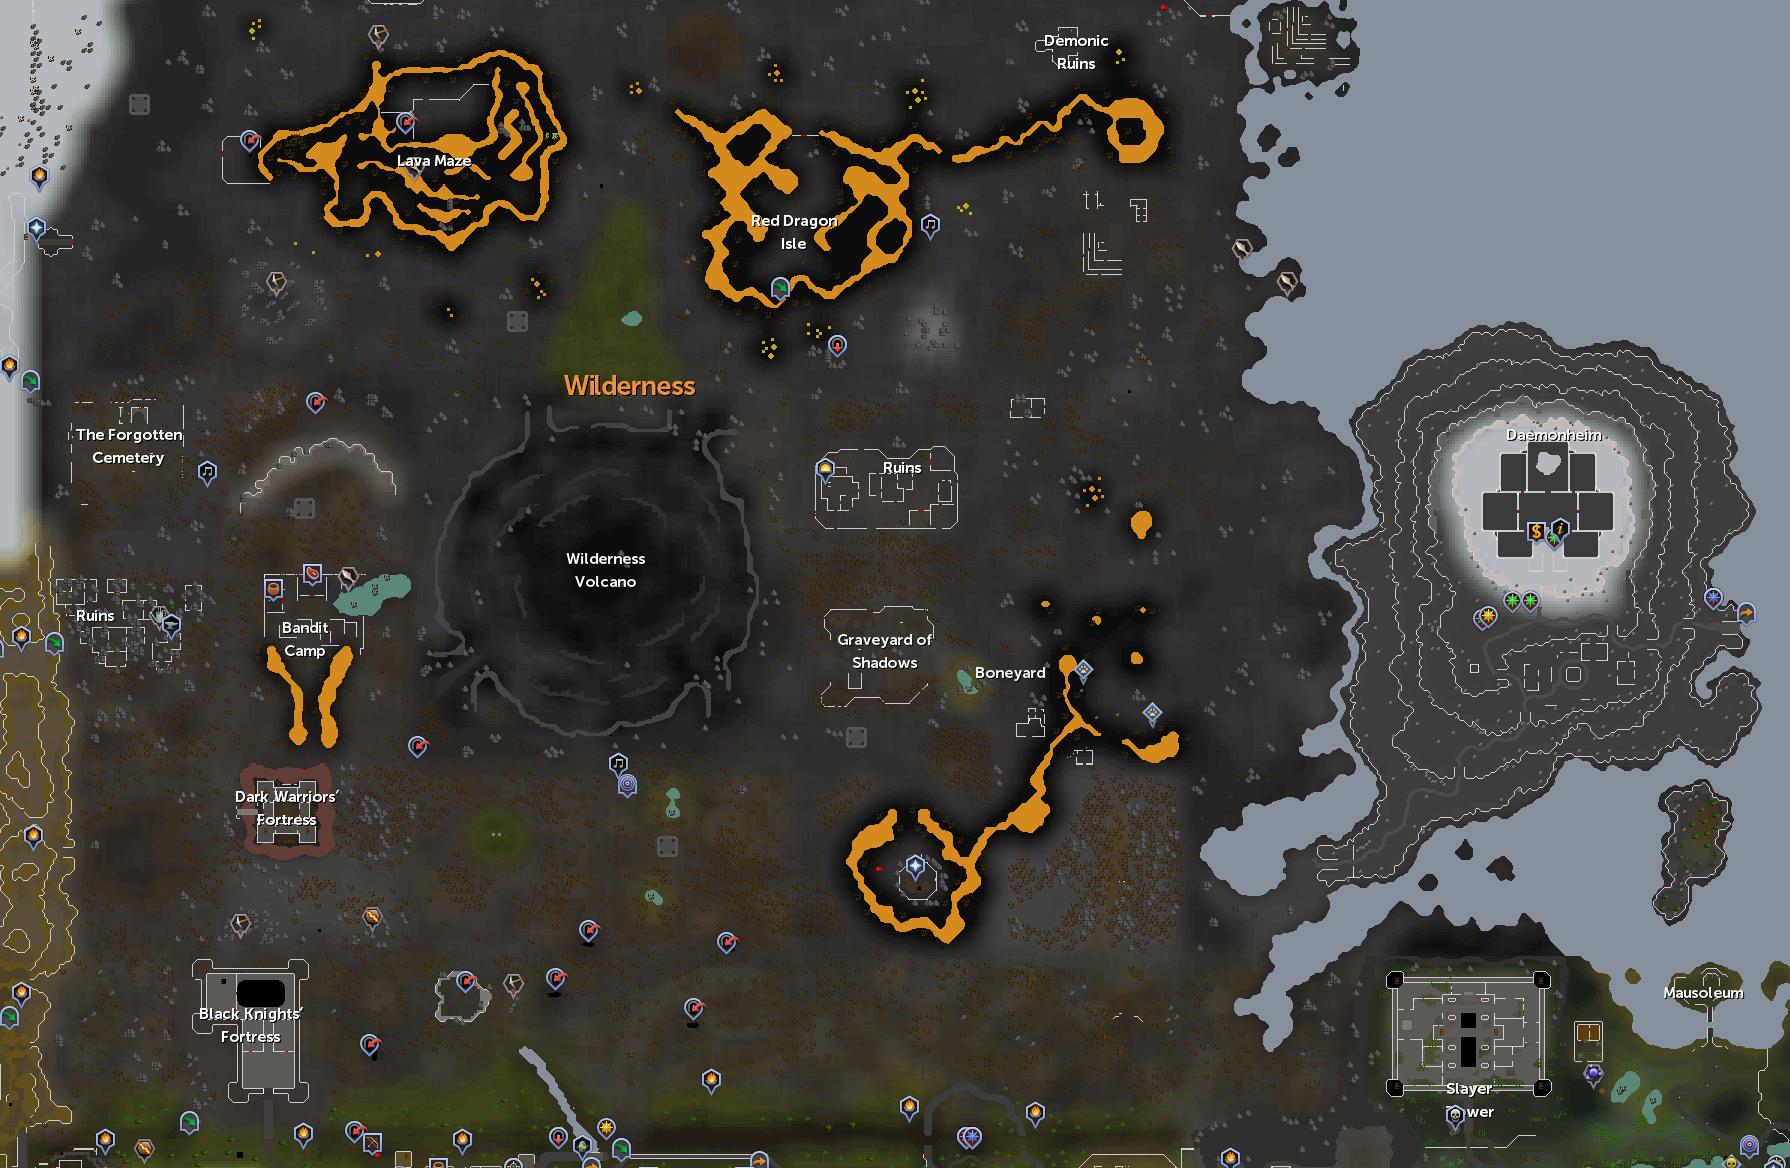 Wilderness Survival Guide Runescape Wiki Fandom Powered By Wikia